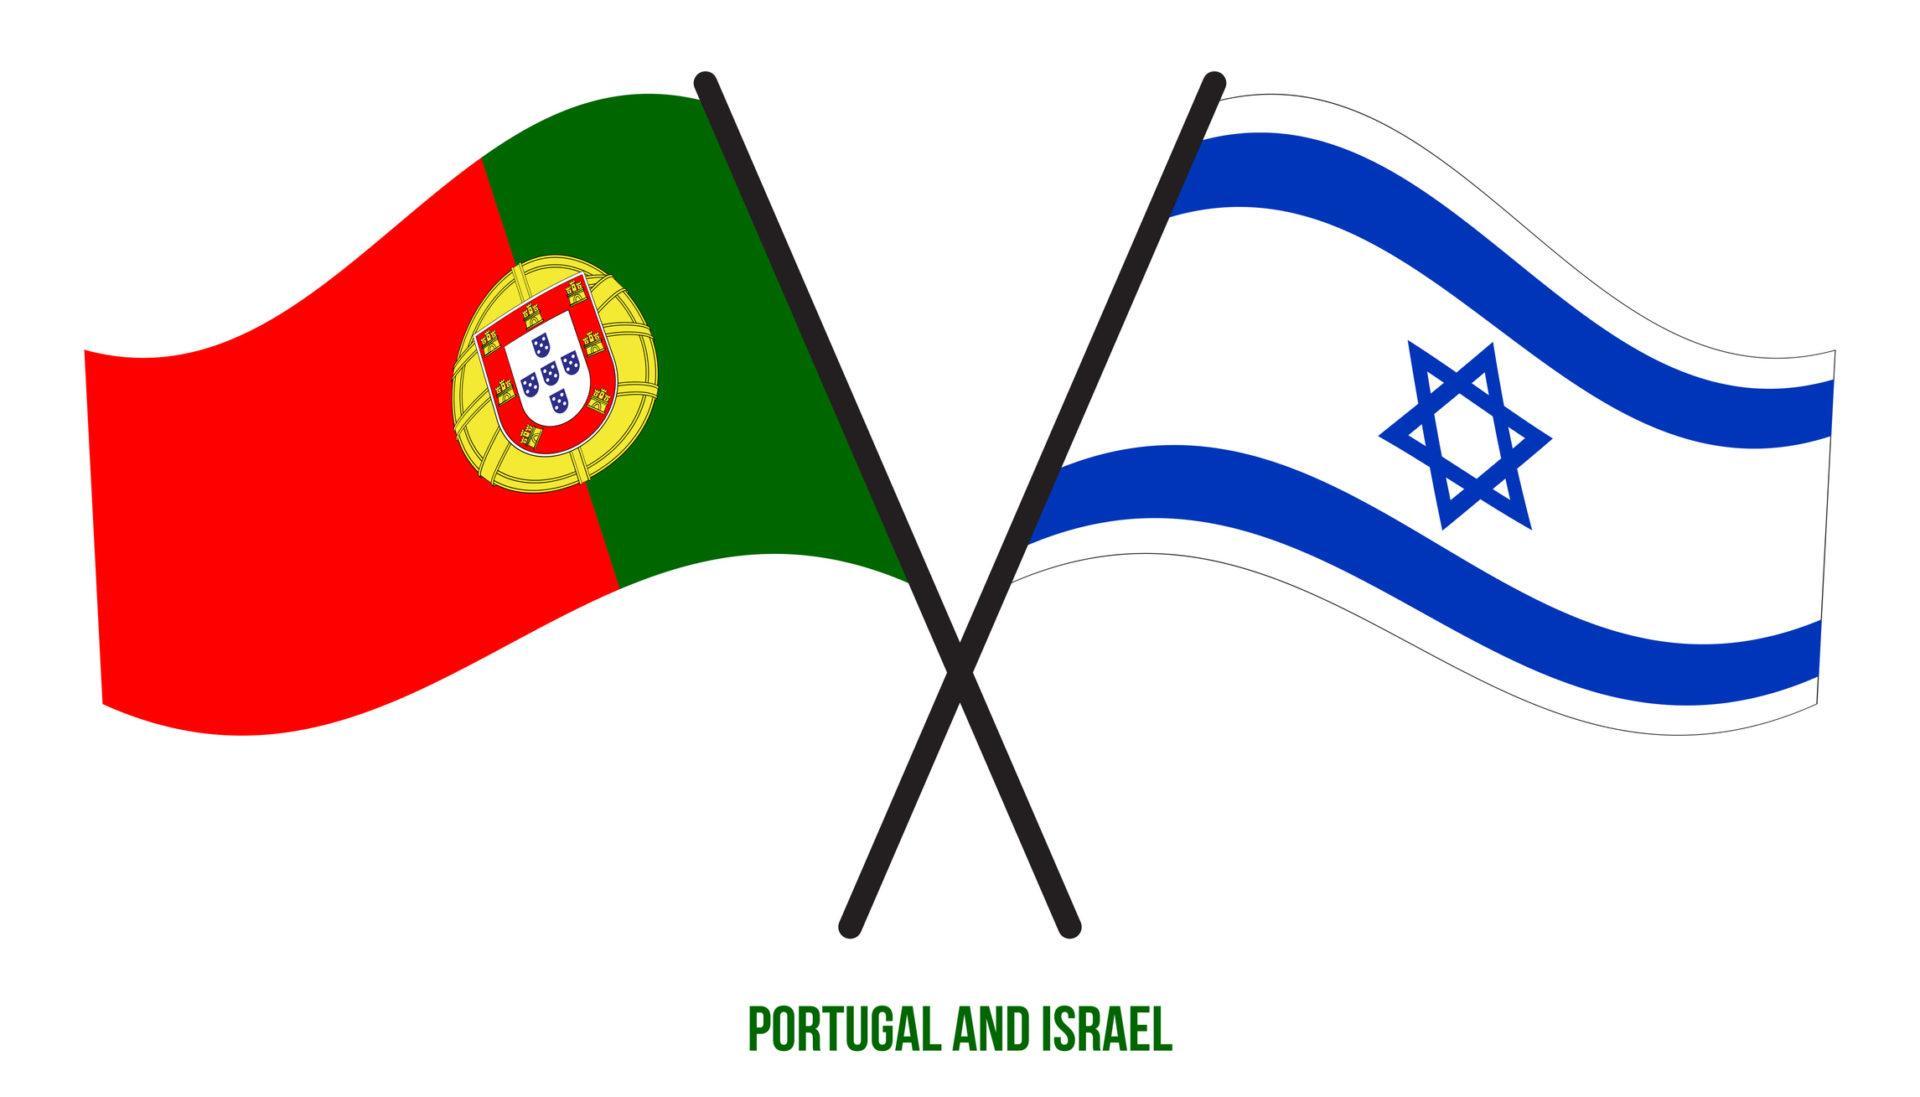 יחסי מדינת ישראל ופורטוגל